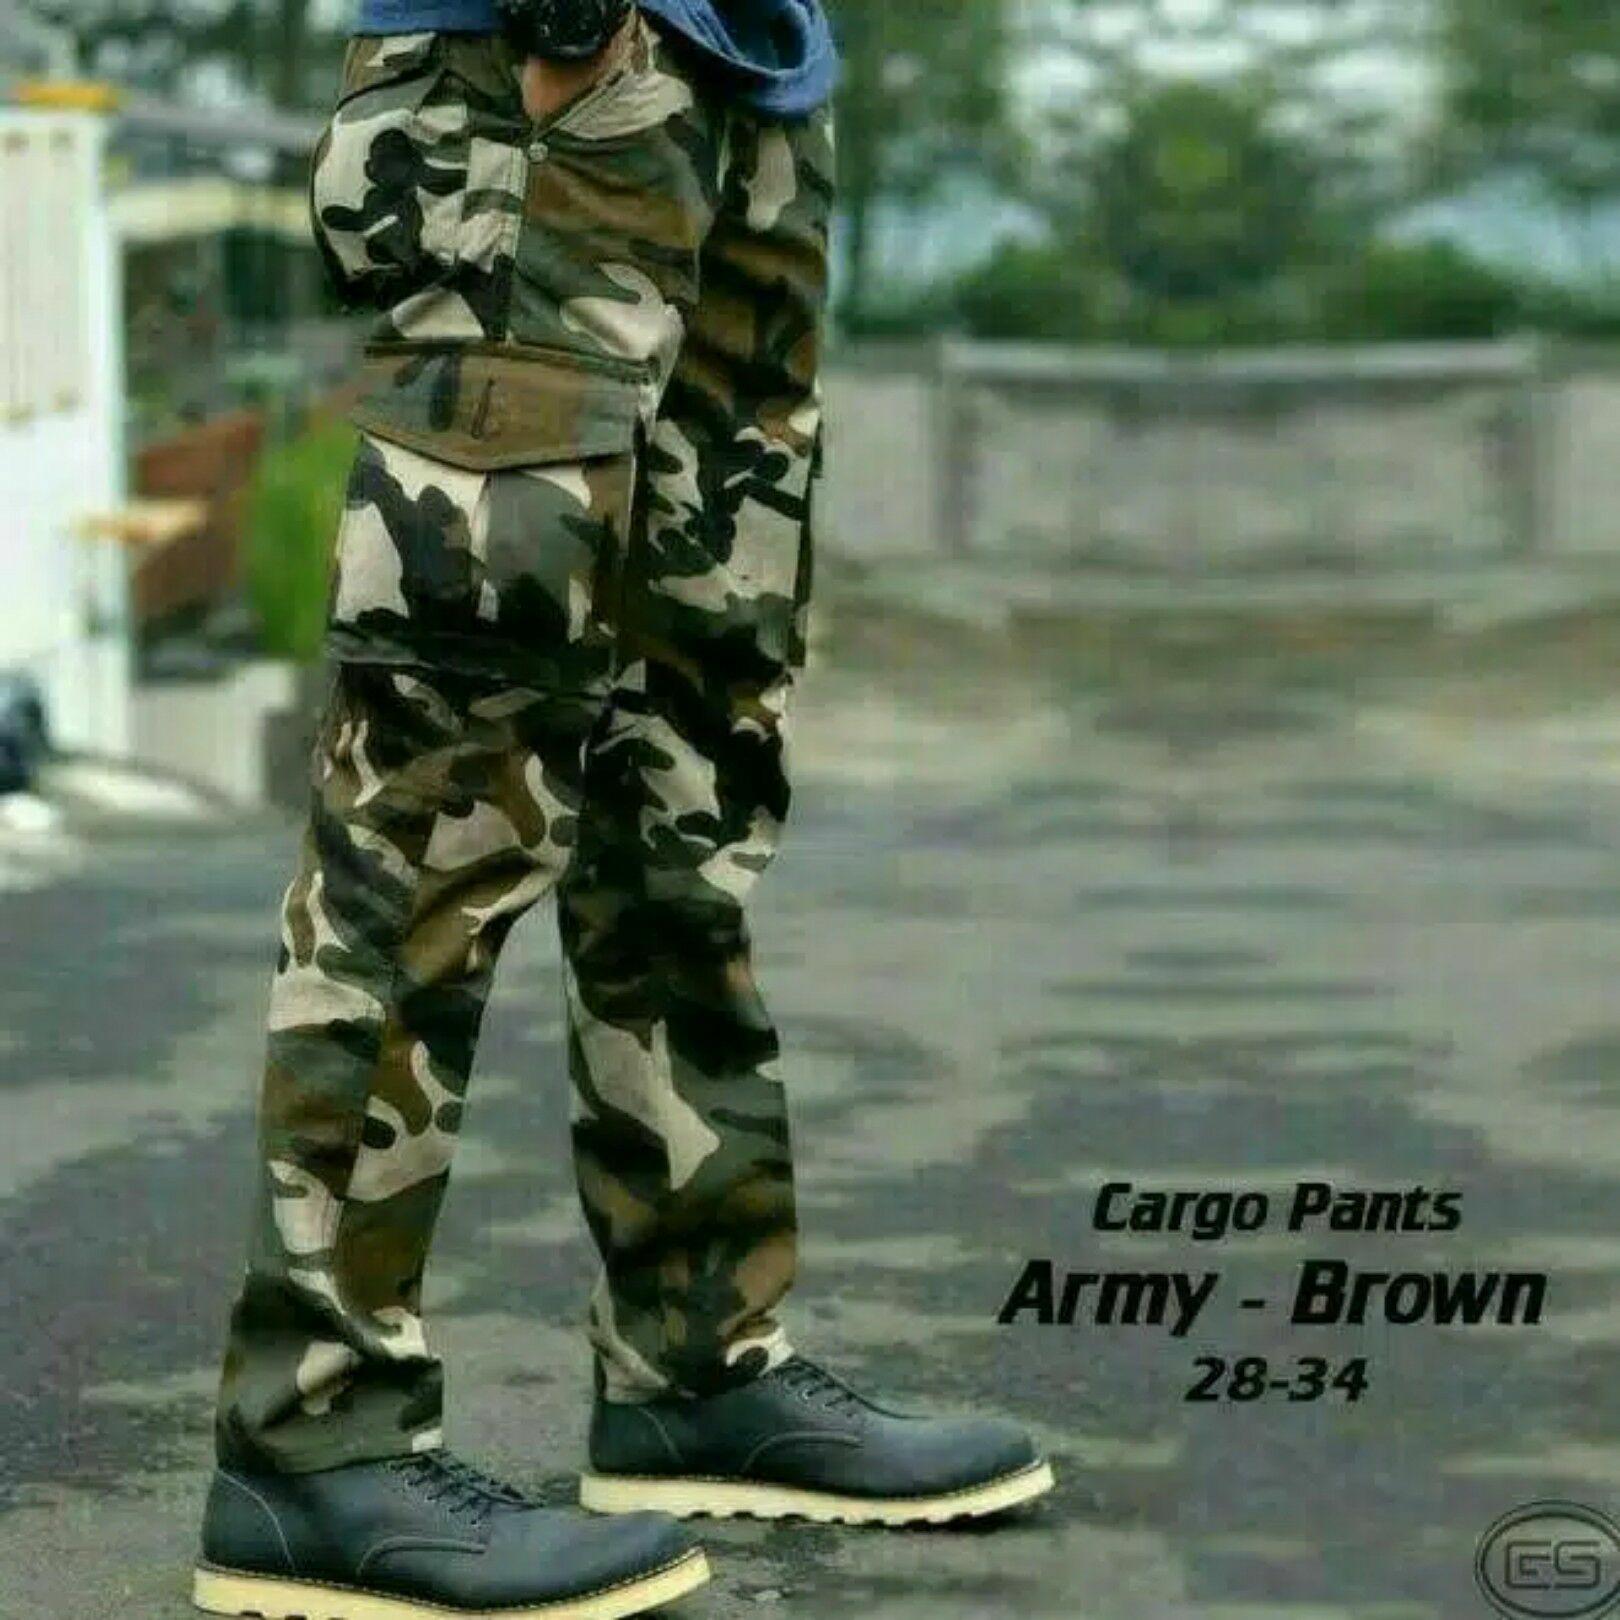 Celana tentara cargo pdl loreng army pemium